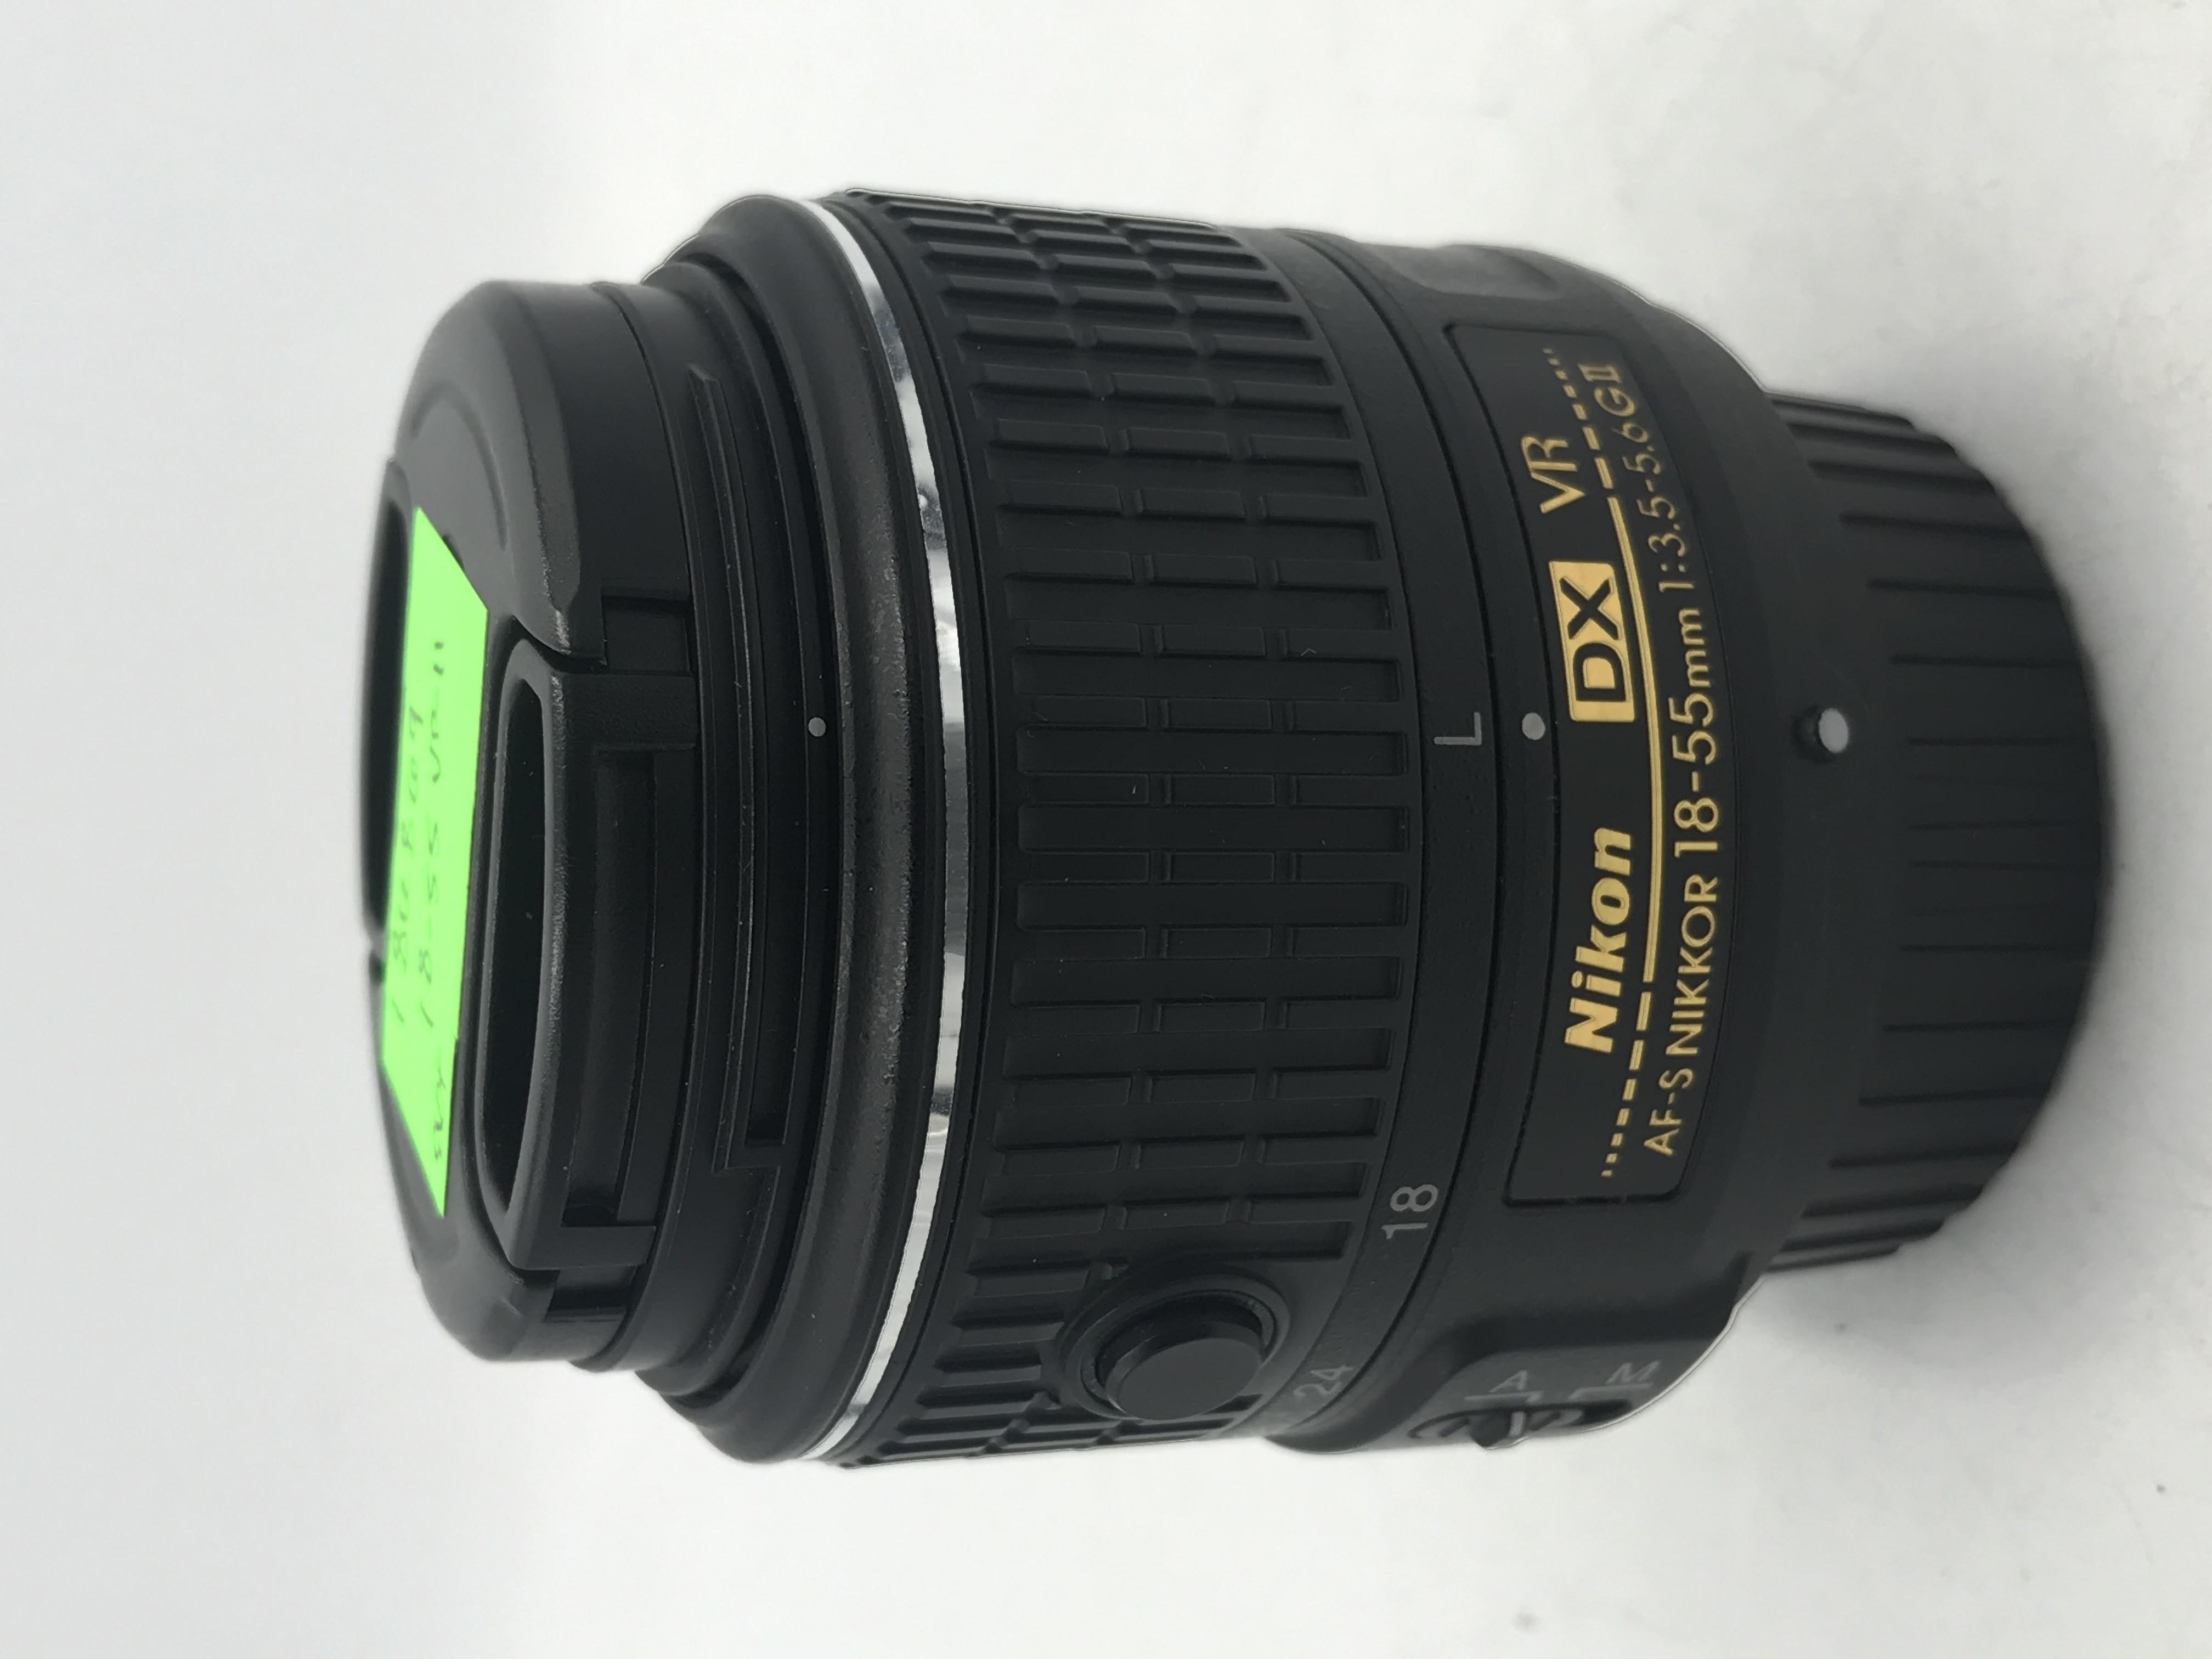 USED Nikon 18-55mm f/3.5-5.6G VR II AF-S DX  Lens